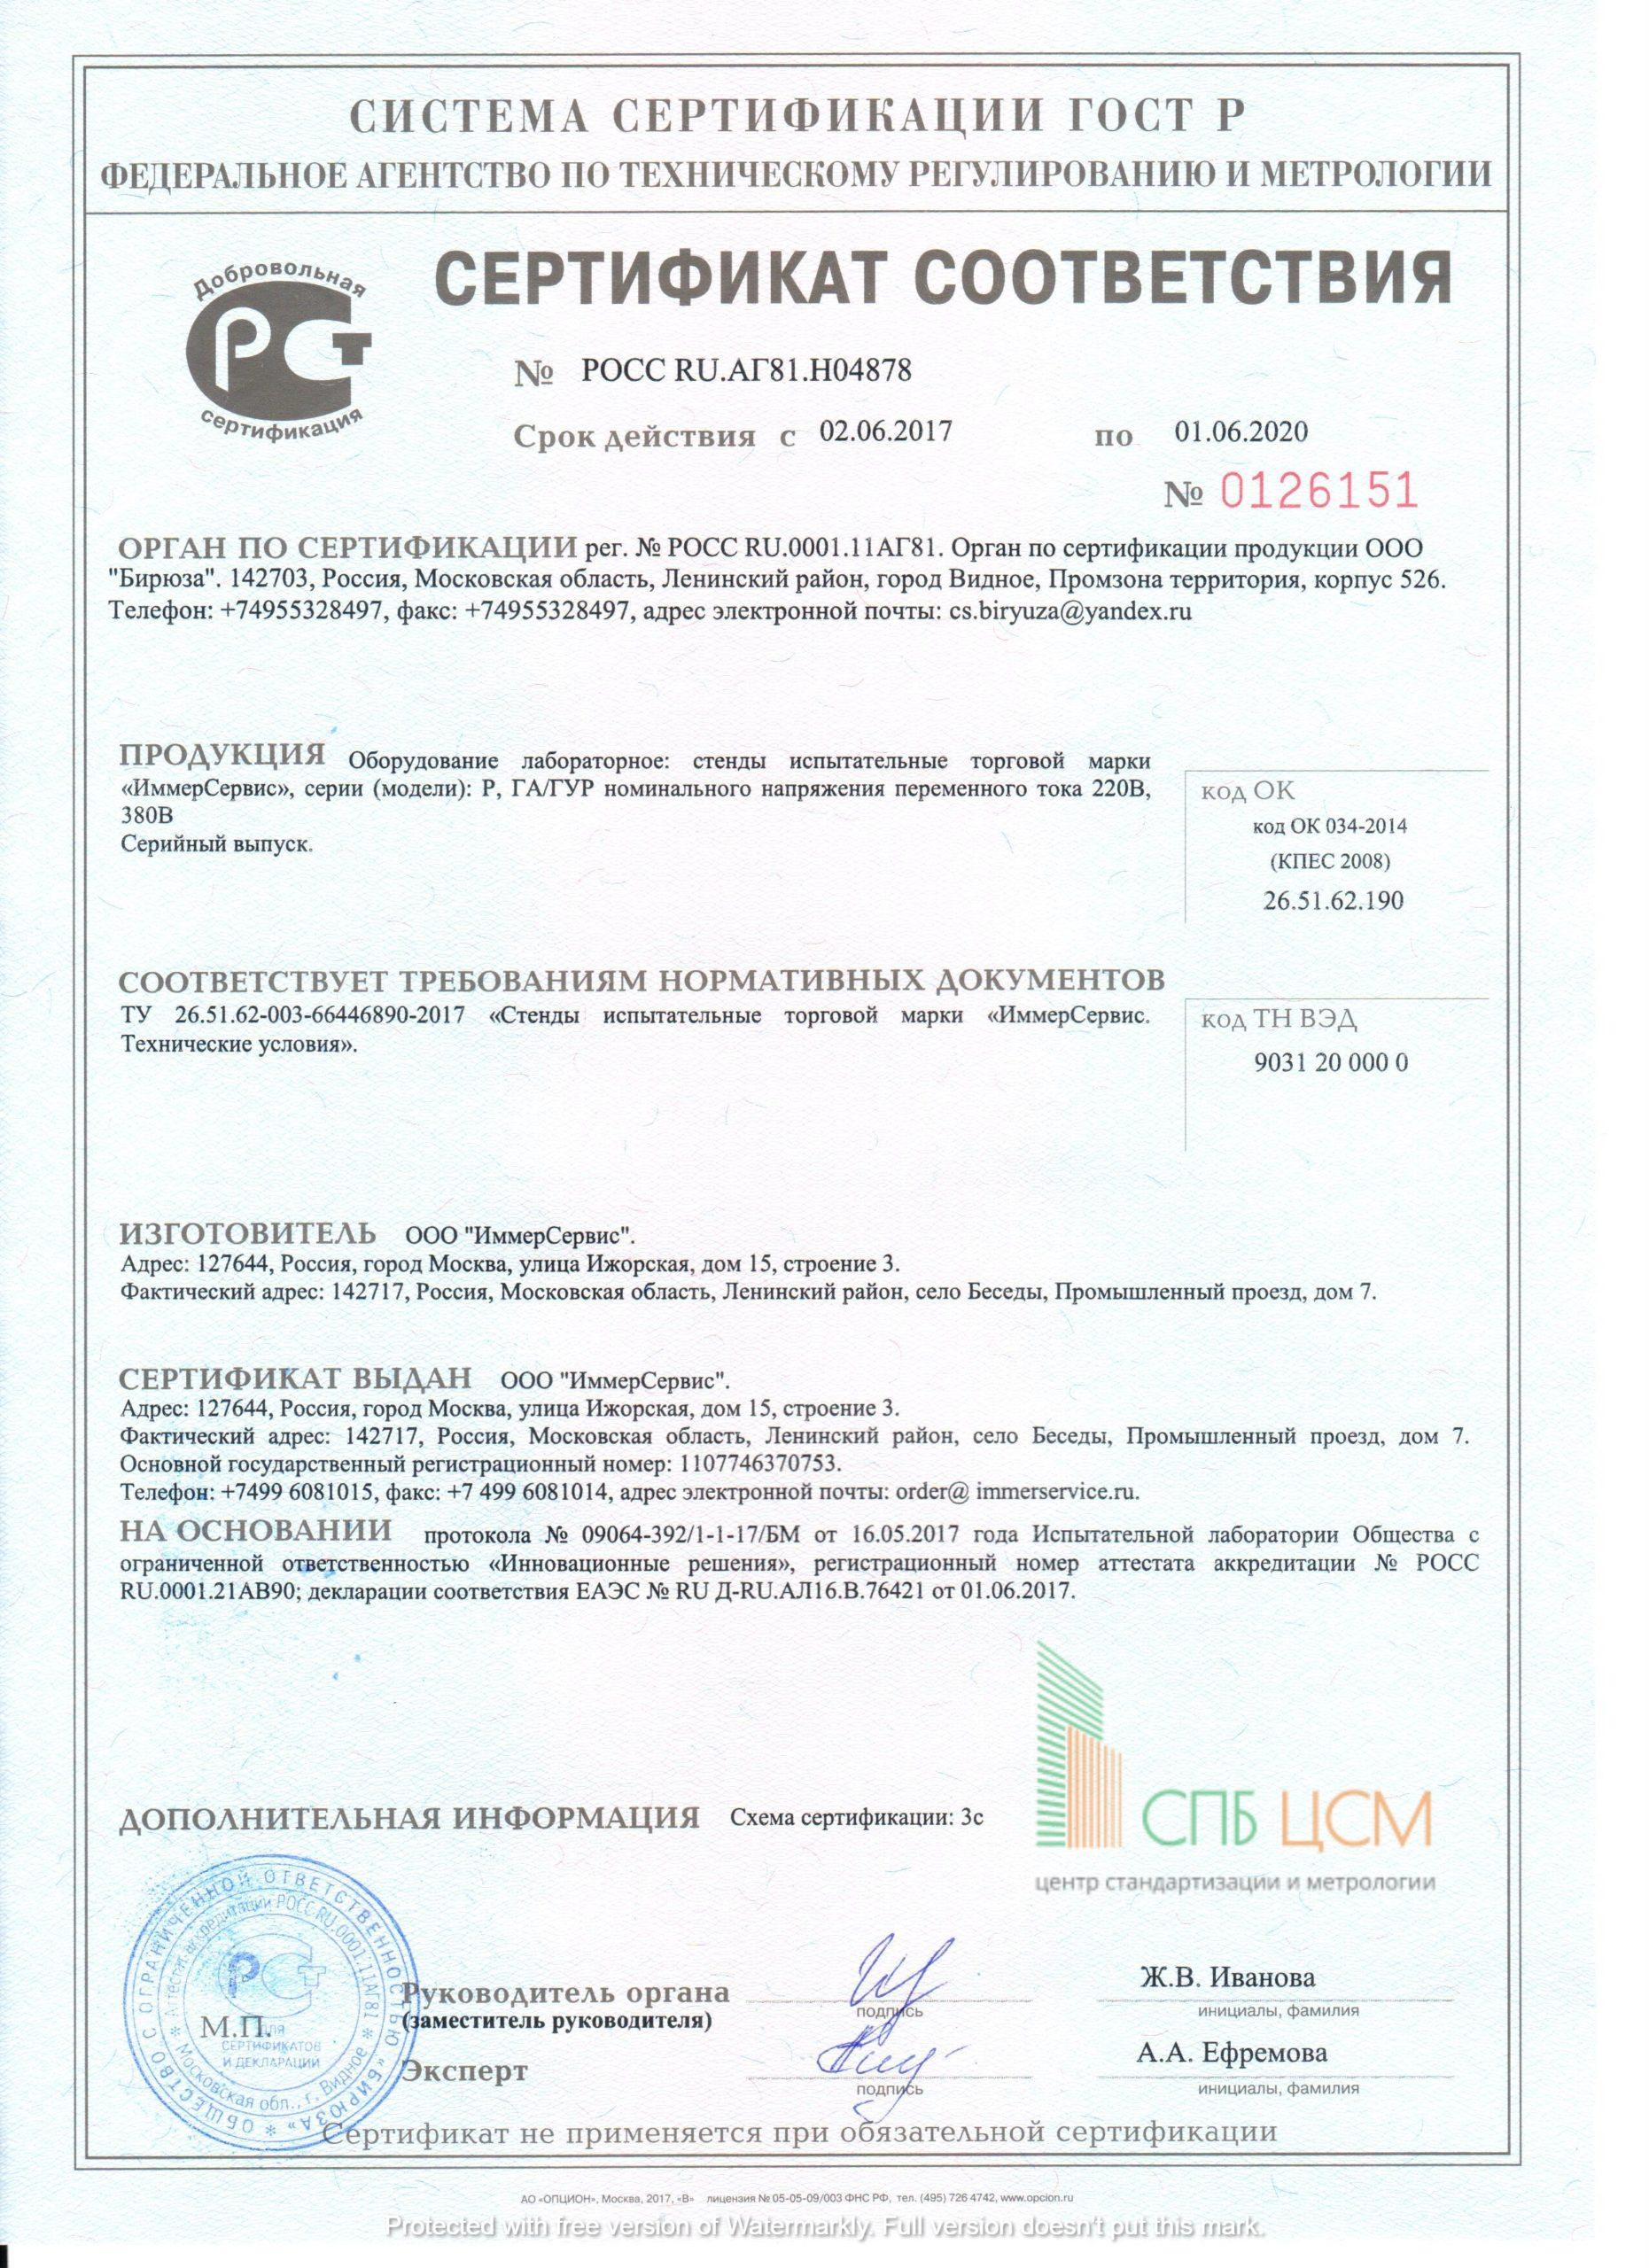 https://spbcsm.ru/sertifikaciya-i-deklarirovanie-produkcii/dobrovolnaya-sistema-sertifikacii/#content